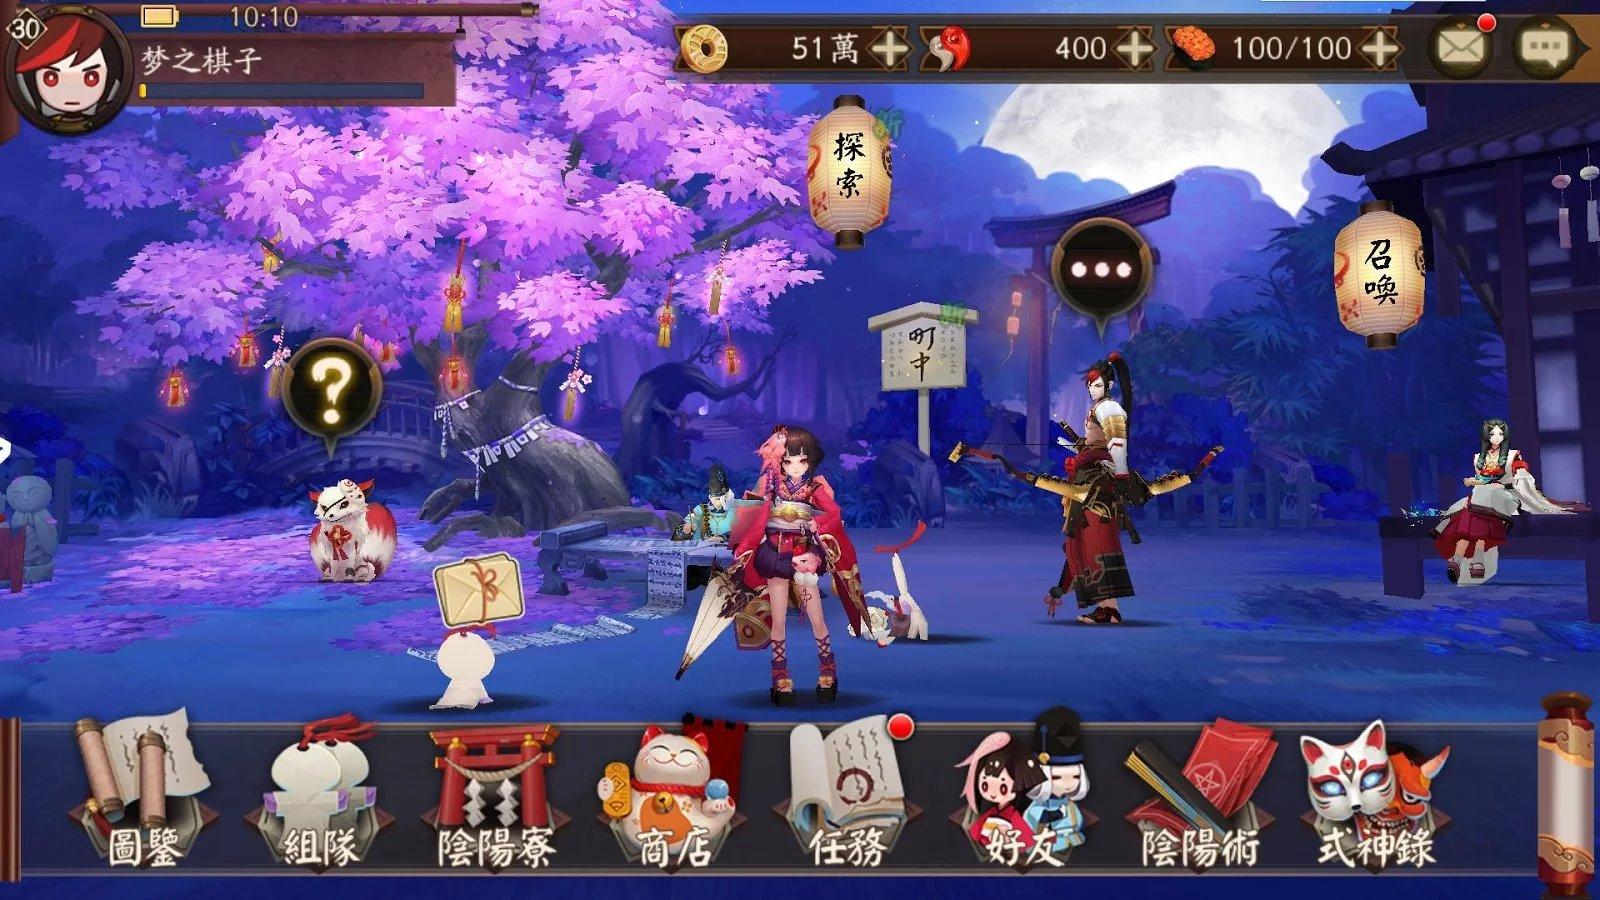 NetEase's Onmyoji.